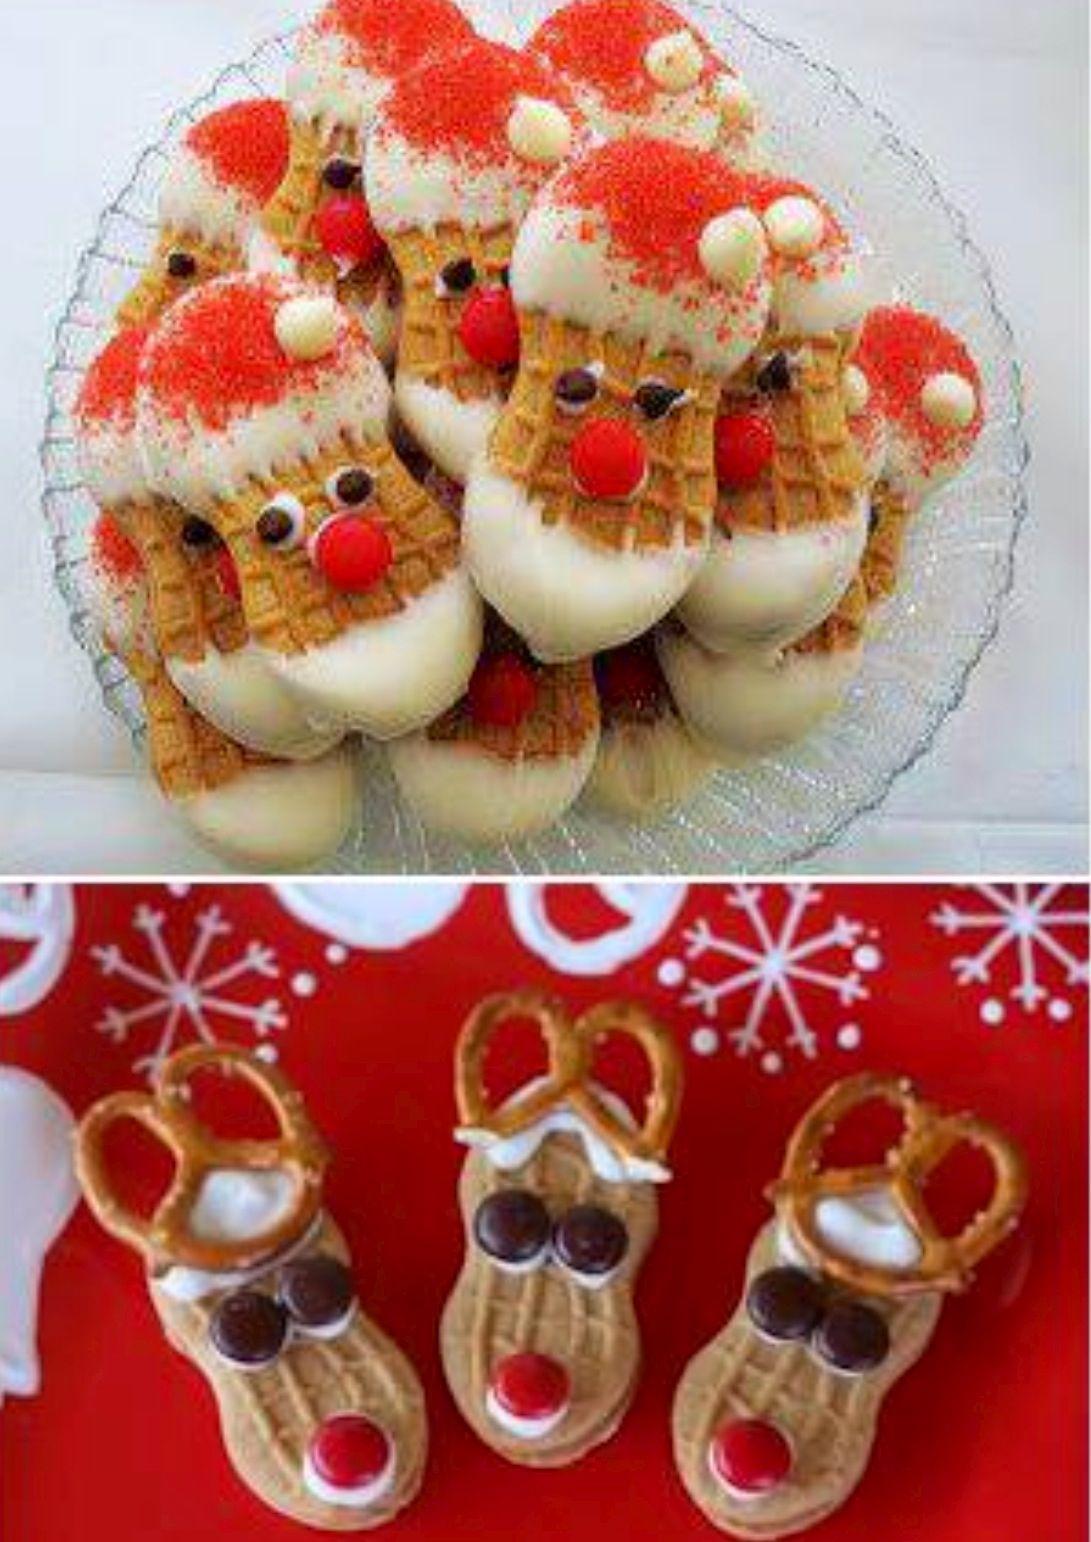 28 Adorables idées de gâteries pour Noël! | Treats and Cupcakes ...